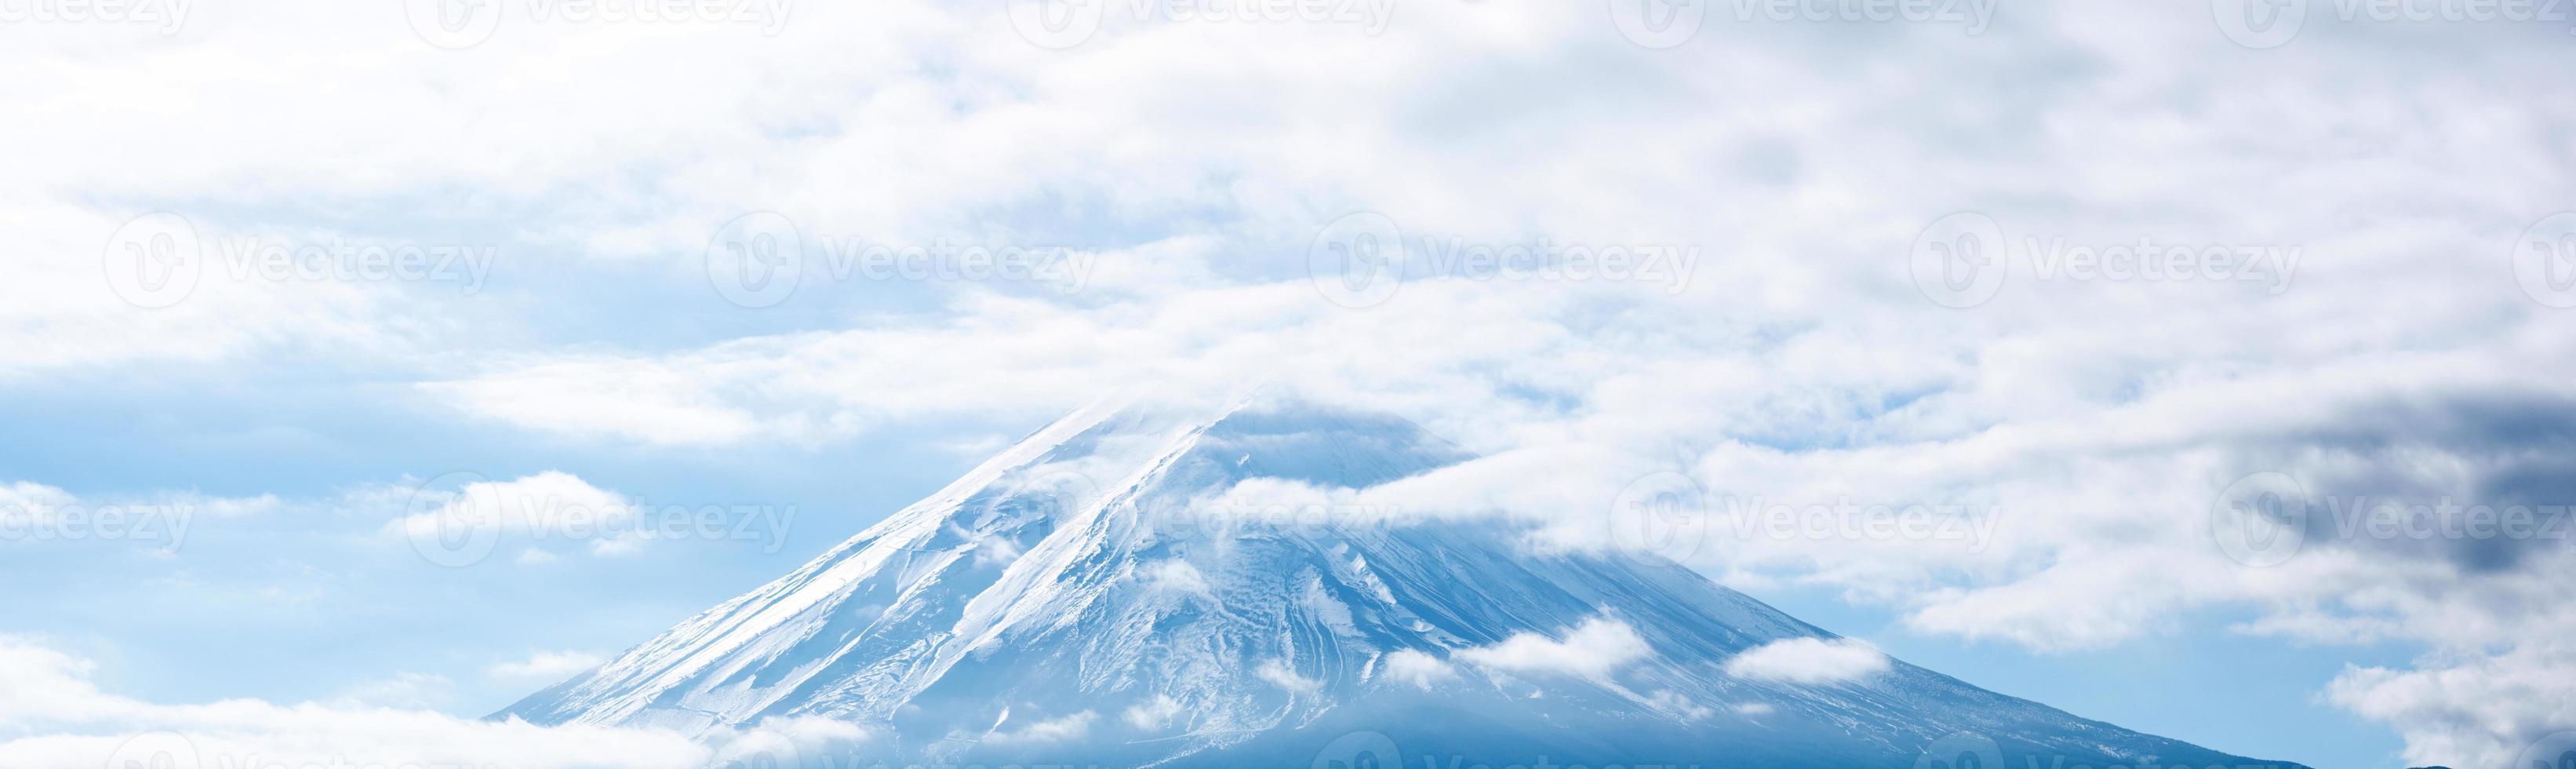 panorama över berget fuji foto